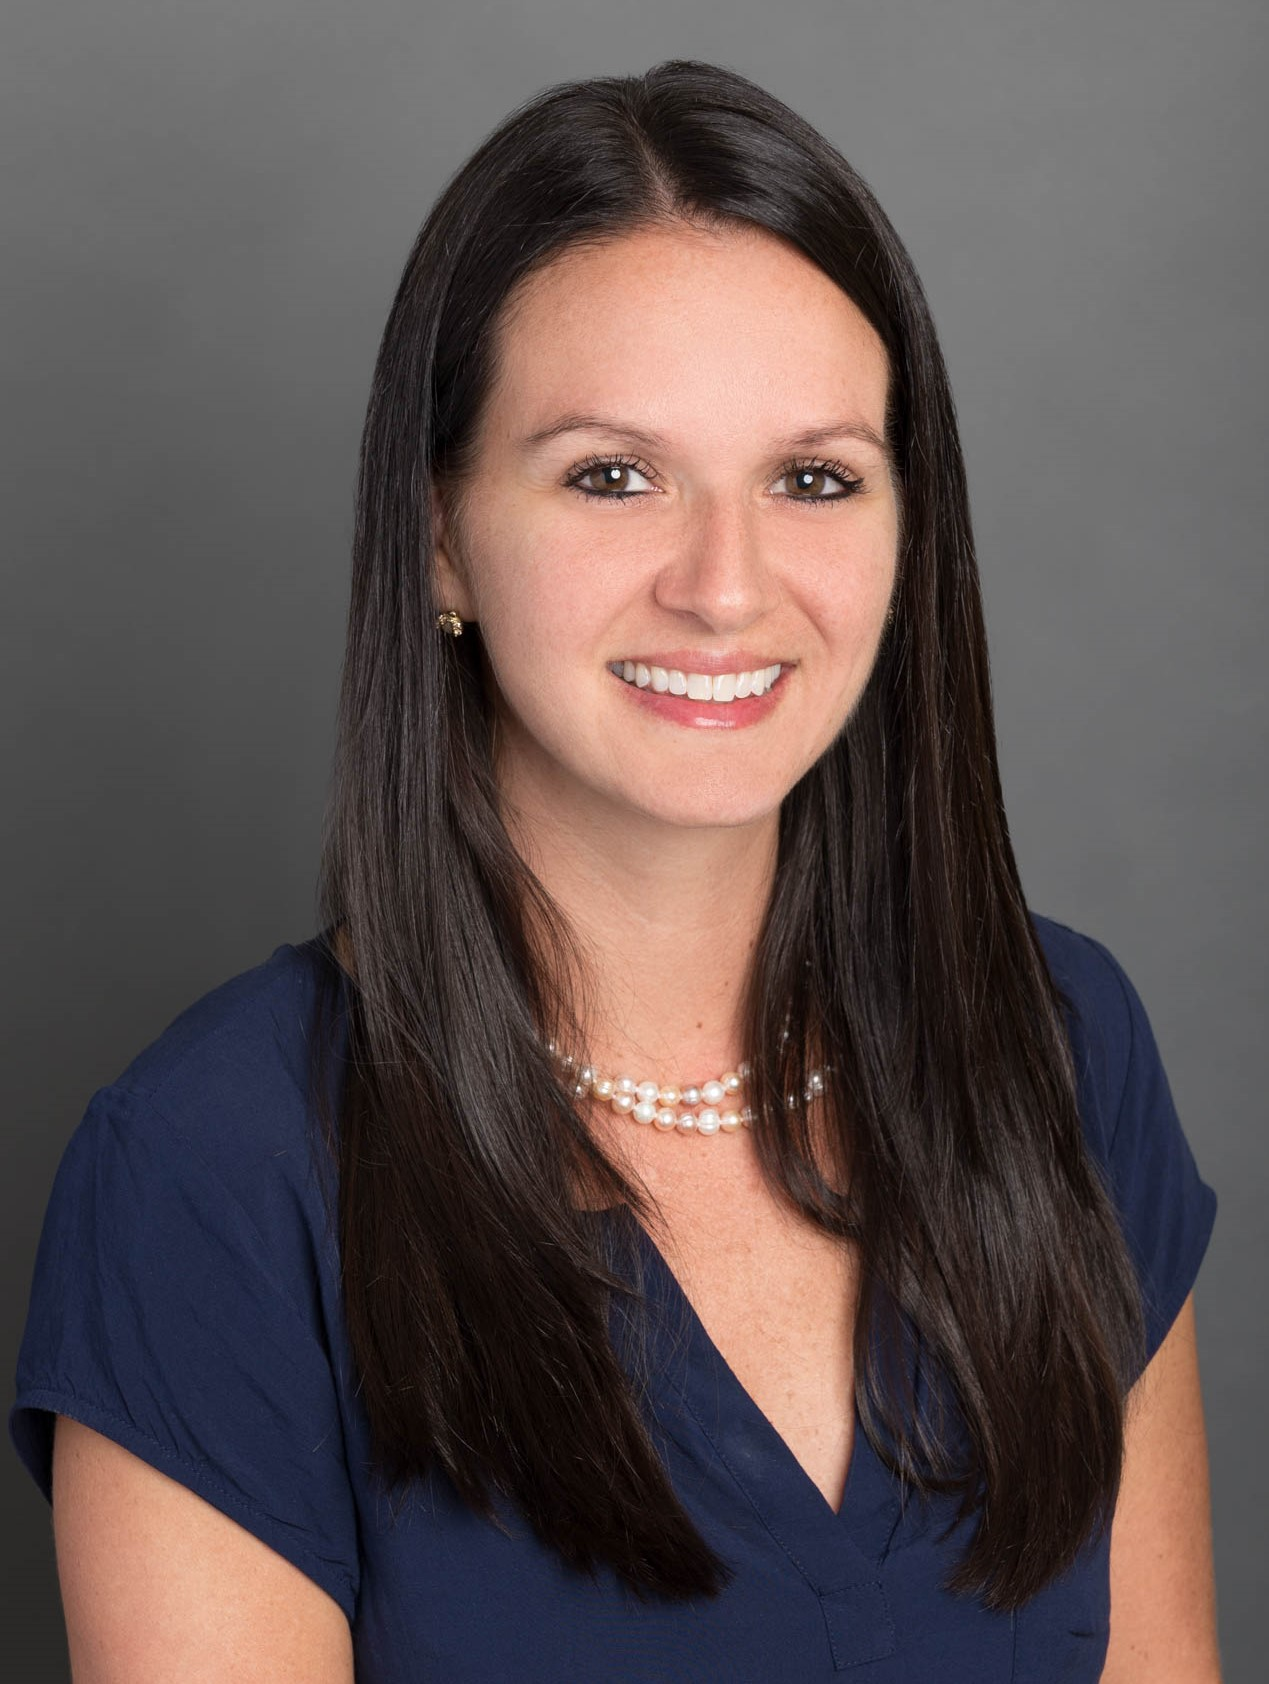 Kristin McKinzey